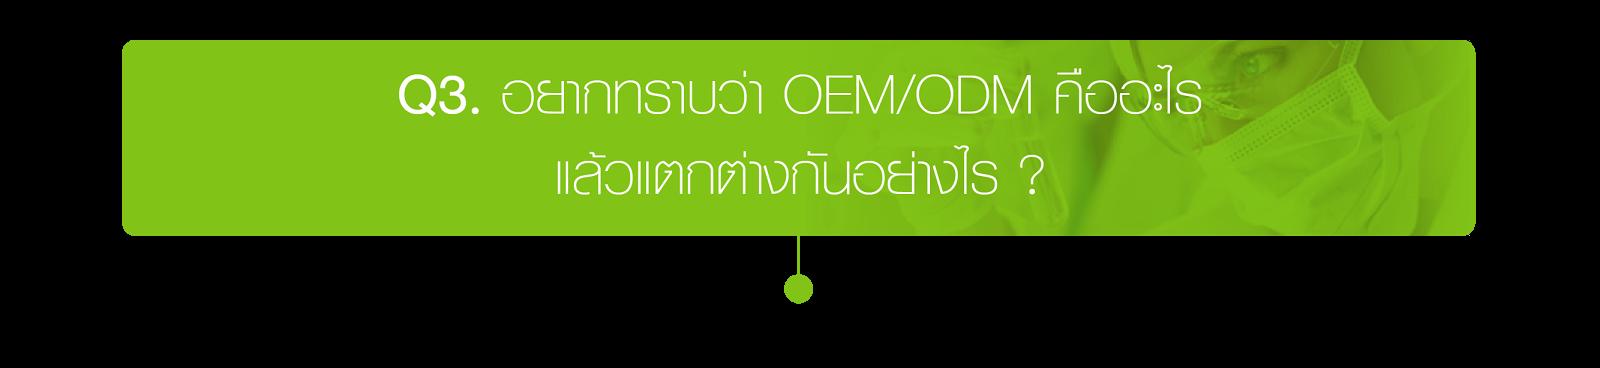 FAQ_img_03